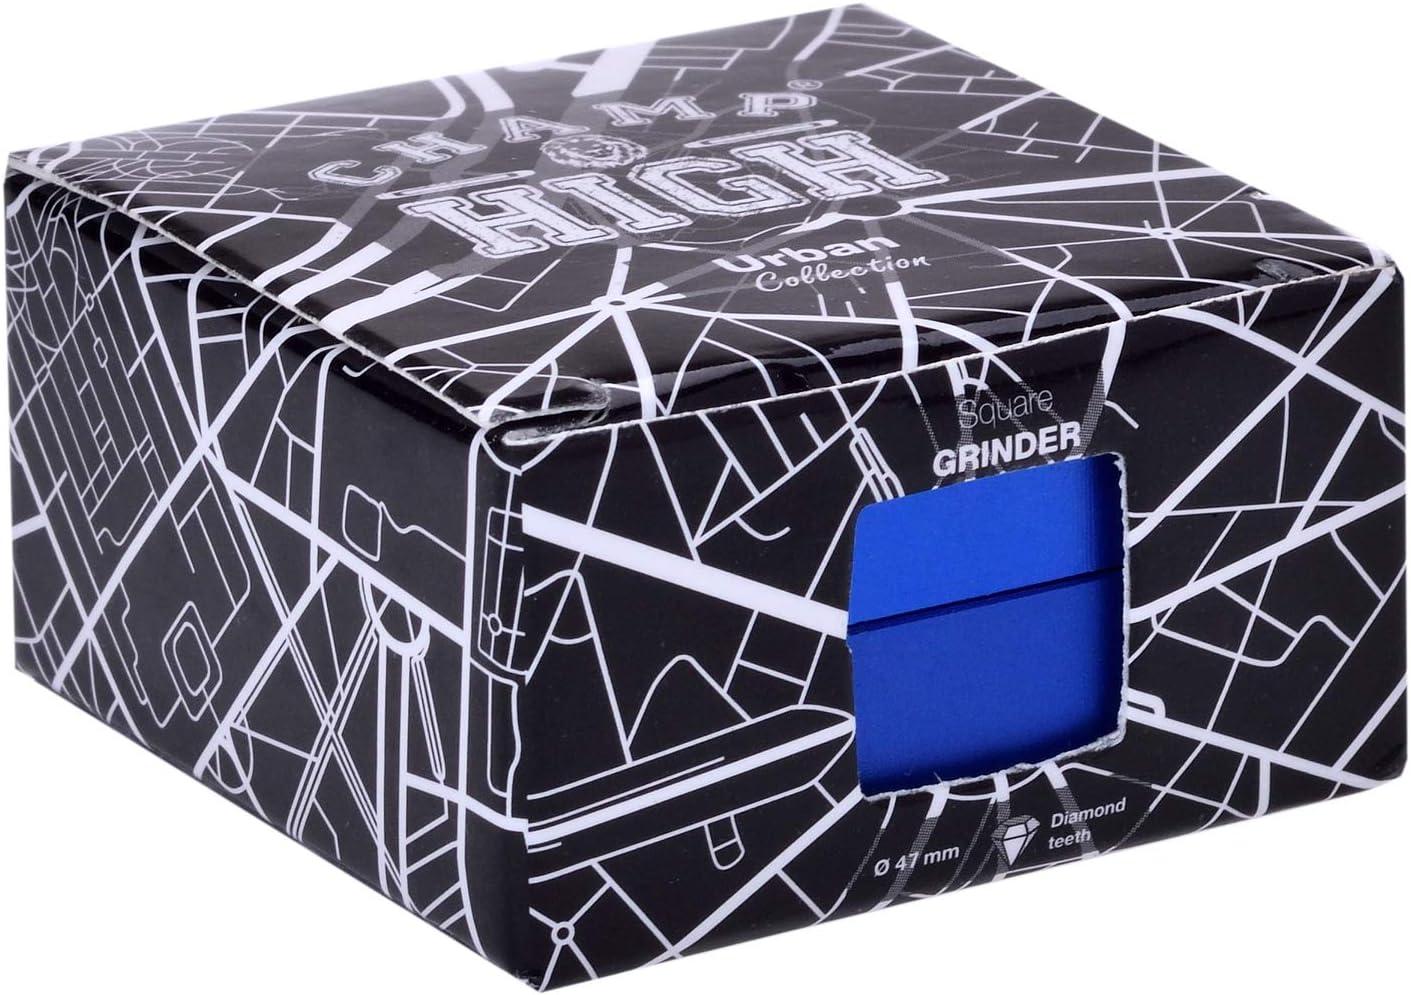 Bleu CHAMP HIGH Diam/ètre de 47 mm Moulin /à /épices Broyeur /à tabac /& Herbes aromatiques aluminium Grinder carr/é Design carr/é 2 Parties et Dents de Diamant